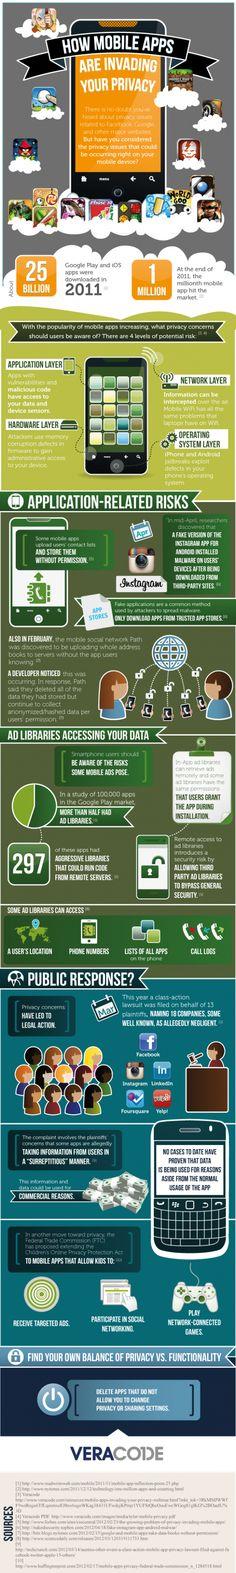 Como invaden la privacidad las aplicaciones #infografia (pinned by @ricardollera)